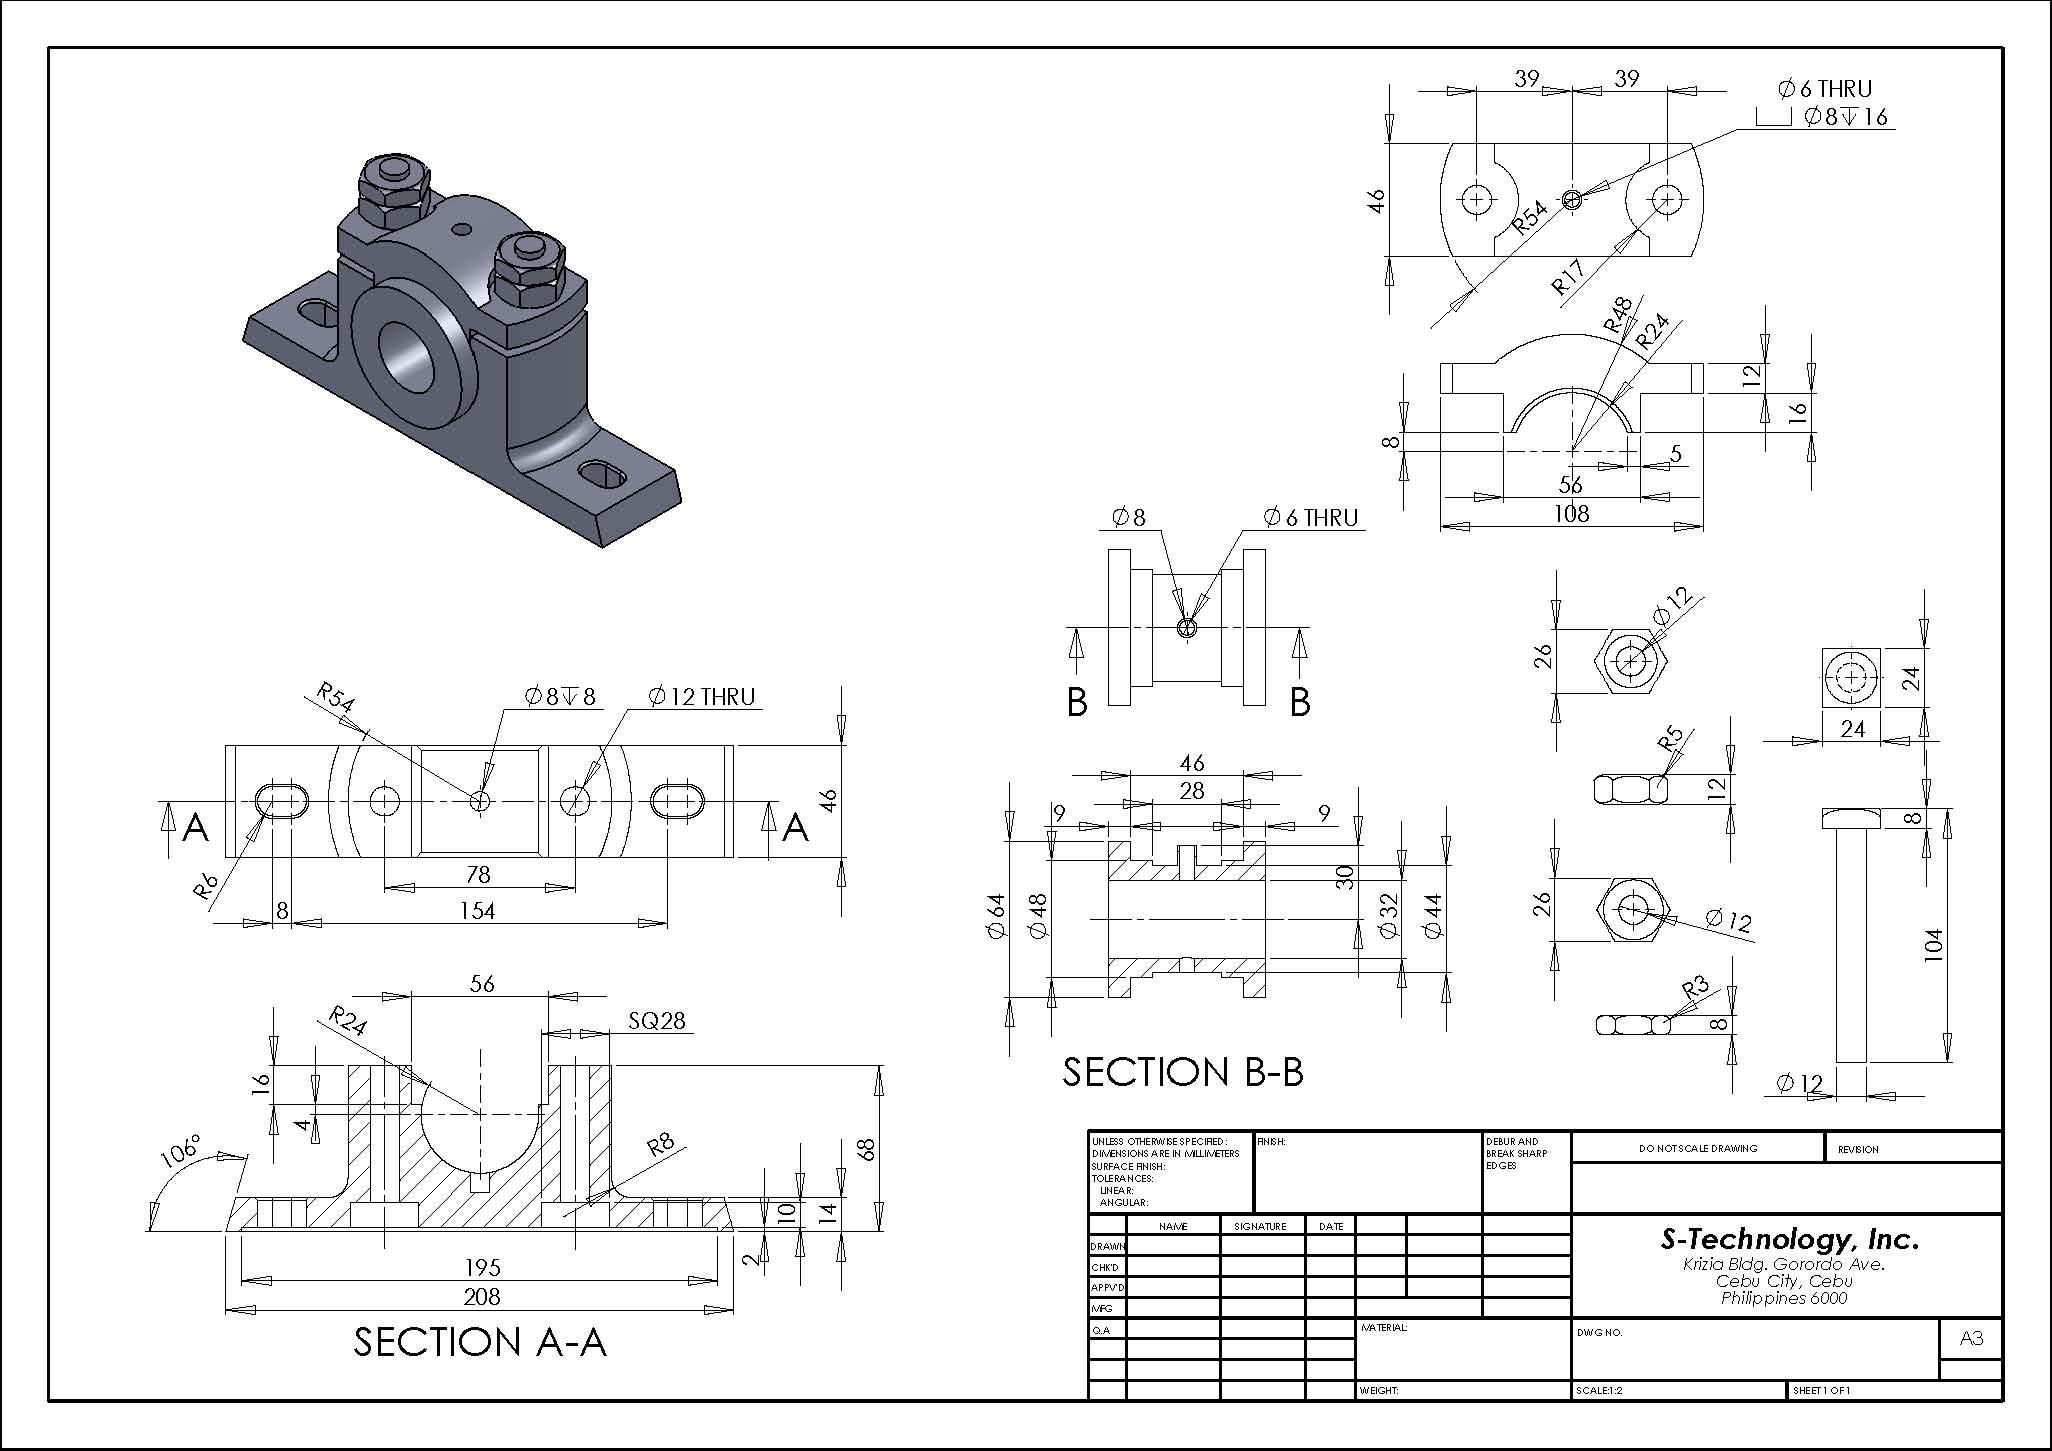 montaj teknik resmi -2